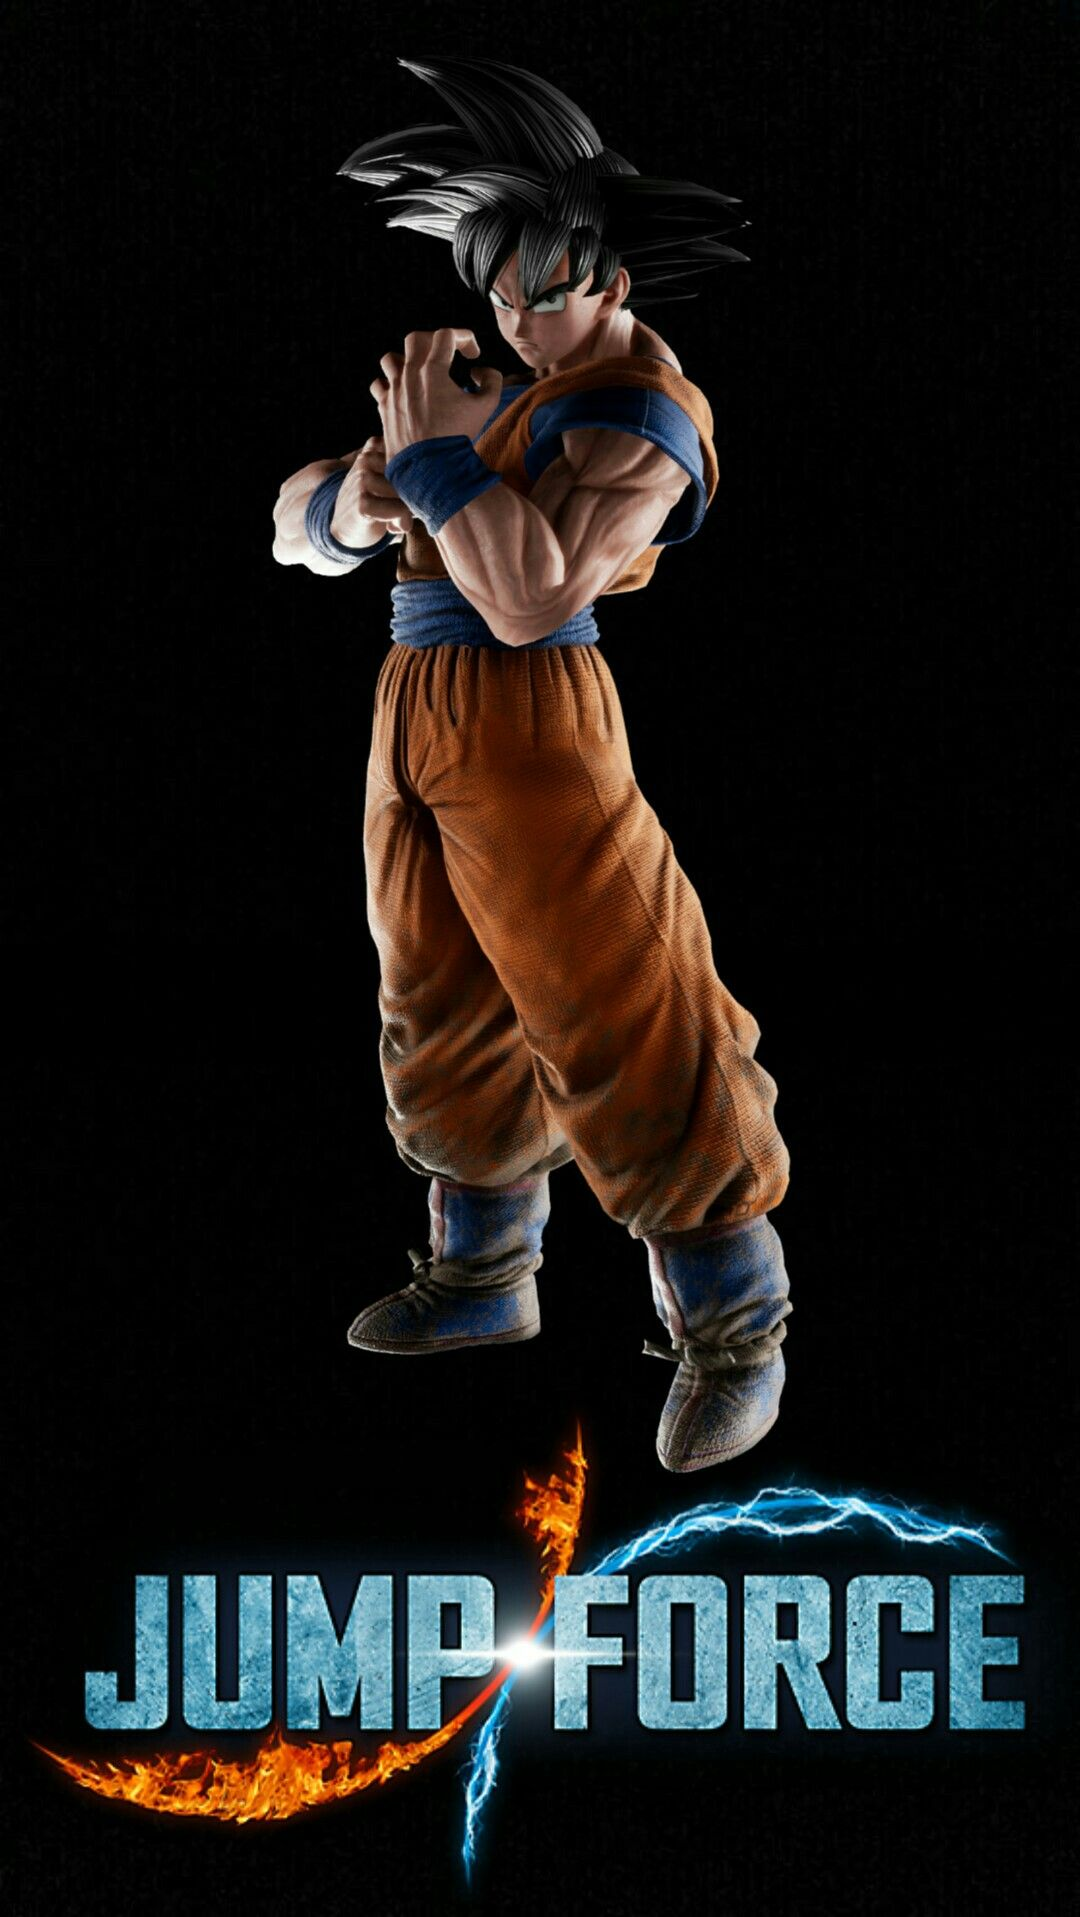 Wallpaper Papel De Parede Jump Force Goku Luffy Naruto Dragon Ball Z One Piece Naruto Ship Dragon Ball Z Iphone Wallpaper Dragon Ball Dragon Ball Z